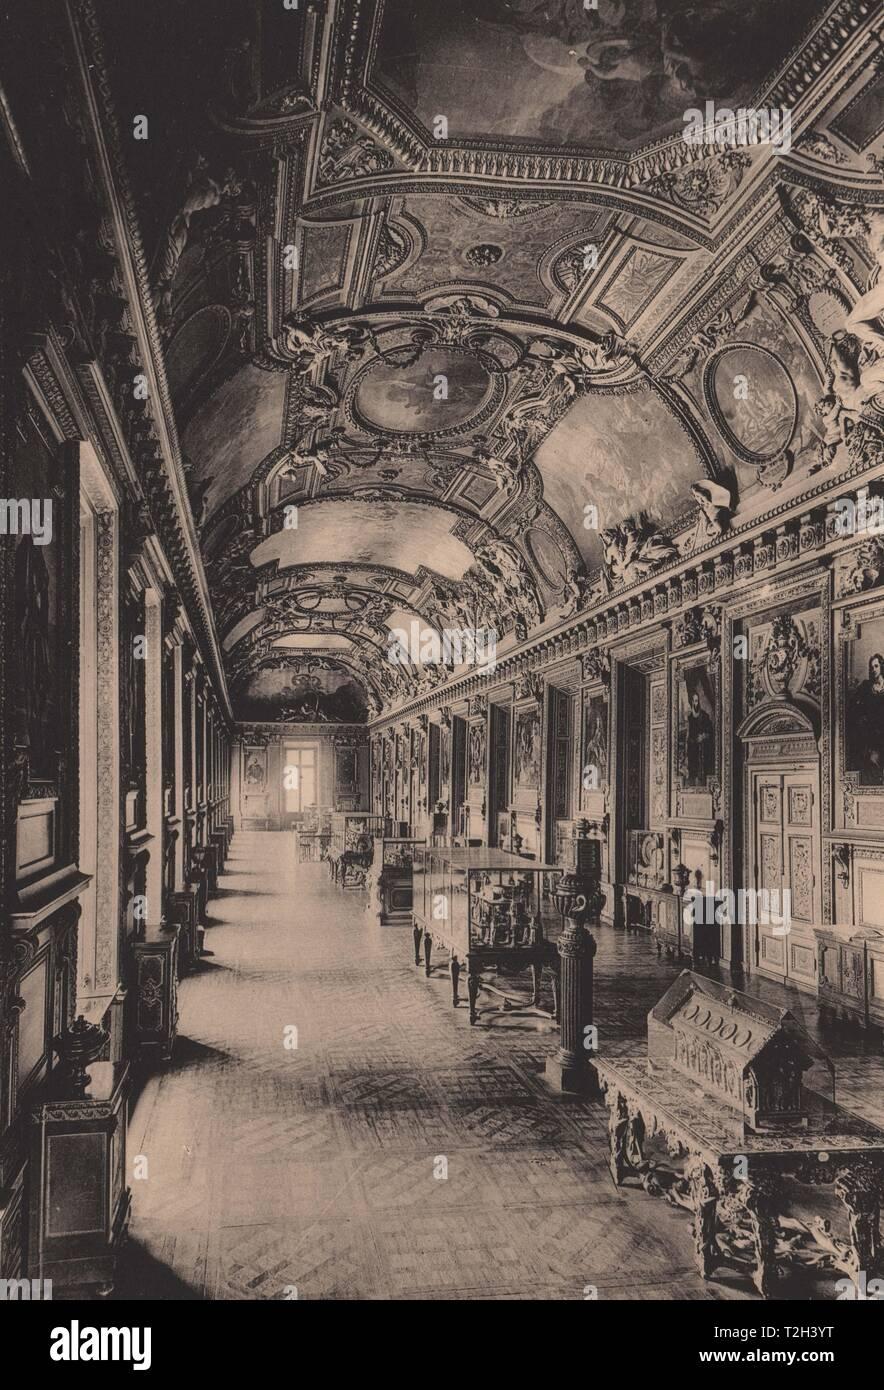 Musée du Louvre Galerie D'Apollon - Stock Image